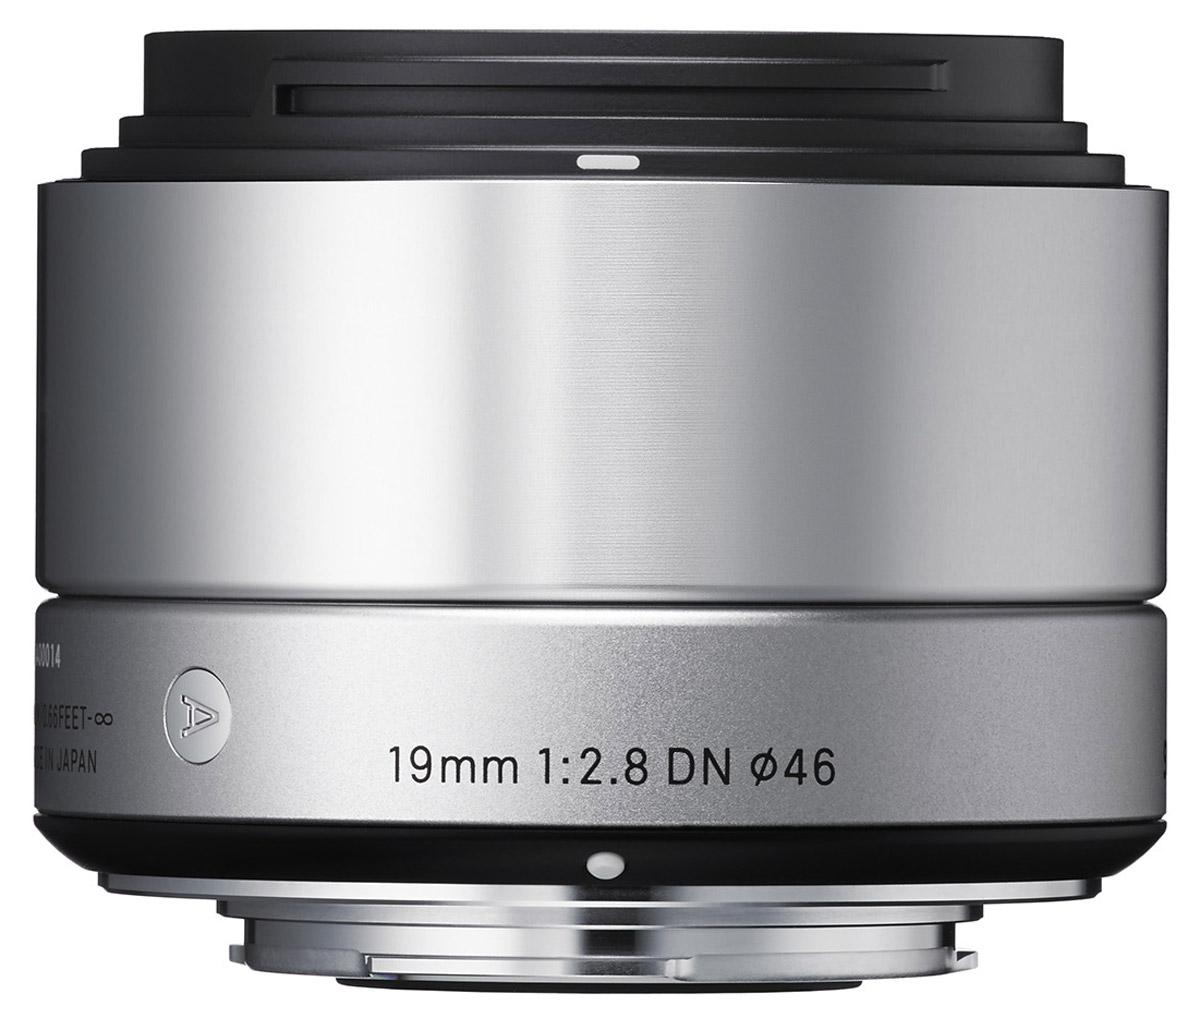 Sigma AF 19mm f/2.8 DN/A, Silver широкоугольный объектив для Sony E (NEX)40S965Sigma AF 19mm f/2.8 DN/A - широкоугольный объектив, созданный с применением передовых оптических технологий для любых сюжетов, особенно для съемки пейзажей и в помещениях. Легкая и компактная конструкция объектива имеет длину 45,7 мм и прекрасно сочетается с габаритами беззеркальных фотоаппаратов. Обладая широким углом обзора объектив очень удобен для фотосъемки в помещениях, а также повседневной фотографии. Кроме этого, значительно улучшена функциональность. Простая форма кольца фокусировки, различие текстур каждой части, использование металла как основного материала и цельный корпус - все это составляющие дизайна Sigma AF 19mm f/2.8 DN/A. Использование трех высококачественных литых асферических элементов обеспечивает превосходное исправление искажений и других видов аберрации. Система внутренней фокусировки корректирует колебания для поддержания качества изображения независимо от положения фокуса. Закругленная 7-лепестковая диафрагма...